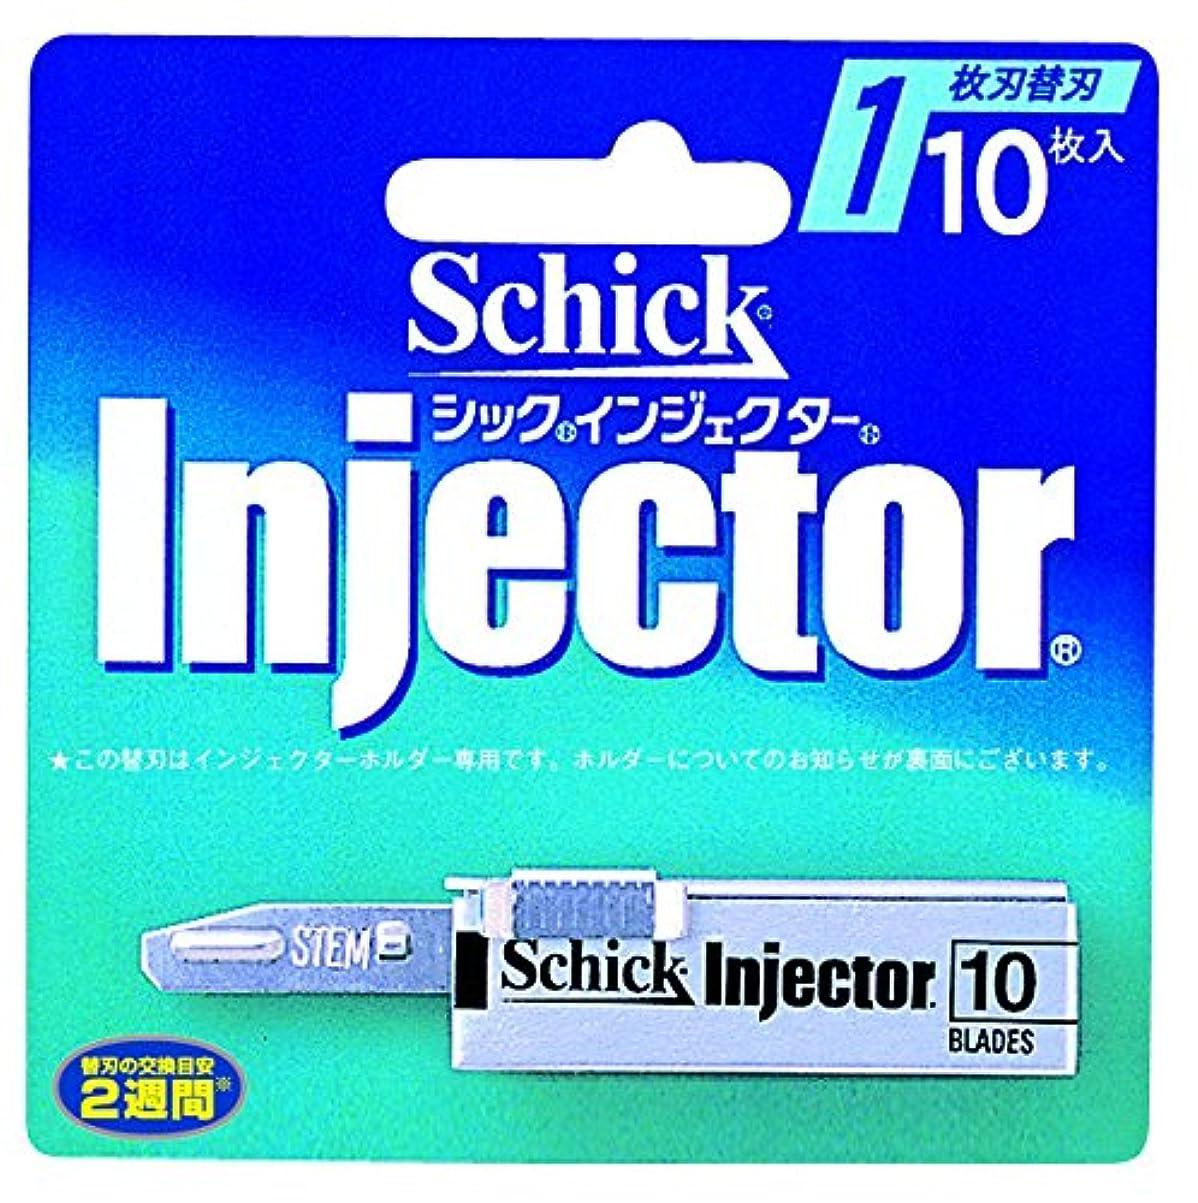 エチケットホイットニーギャンブルシック インジェクター替刃(10枚入り)